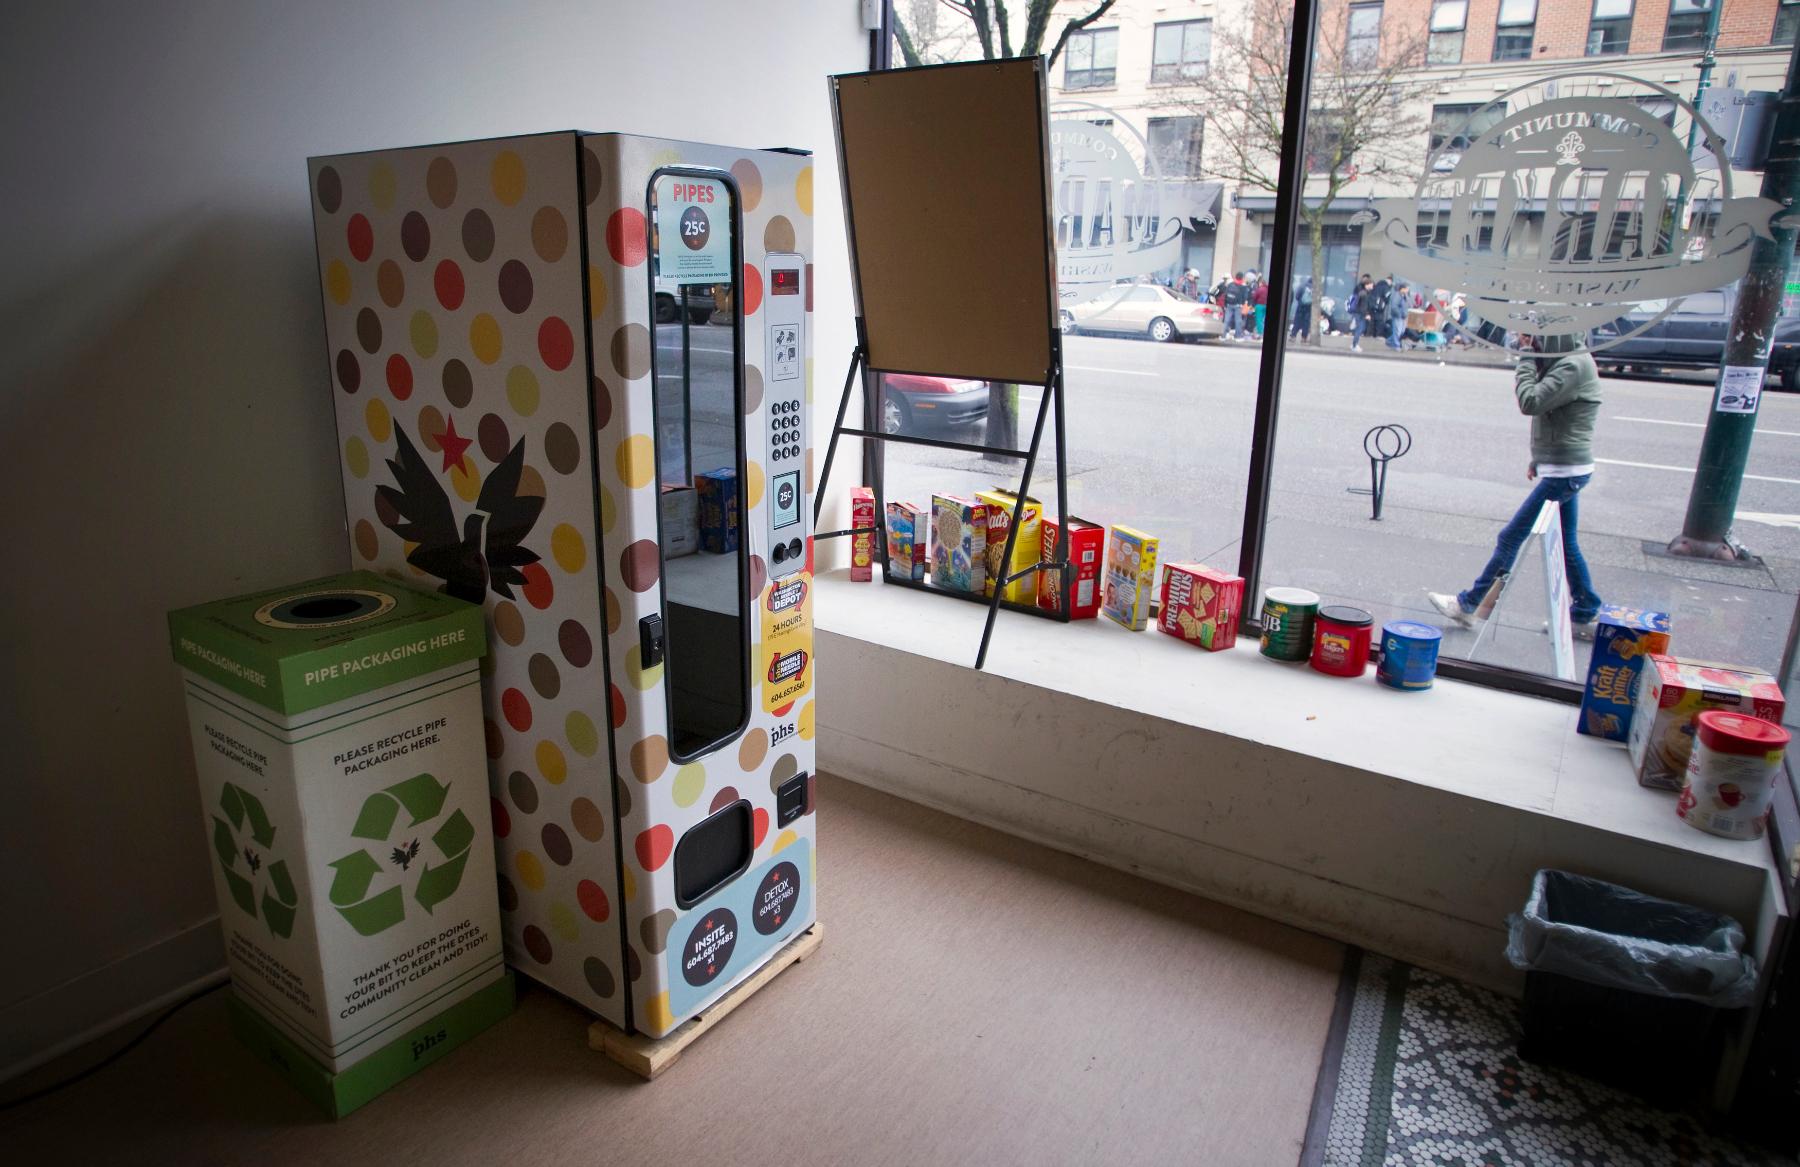 Crack pipe vending machine 2